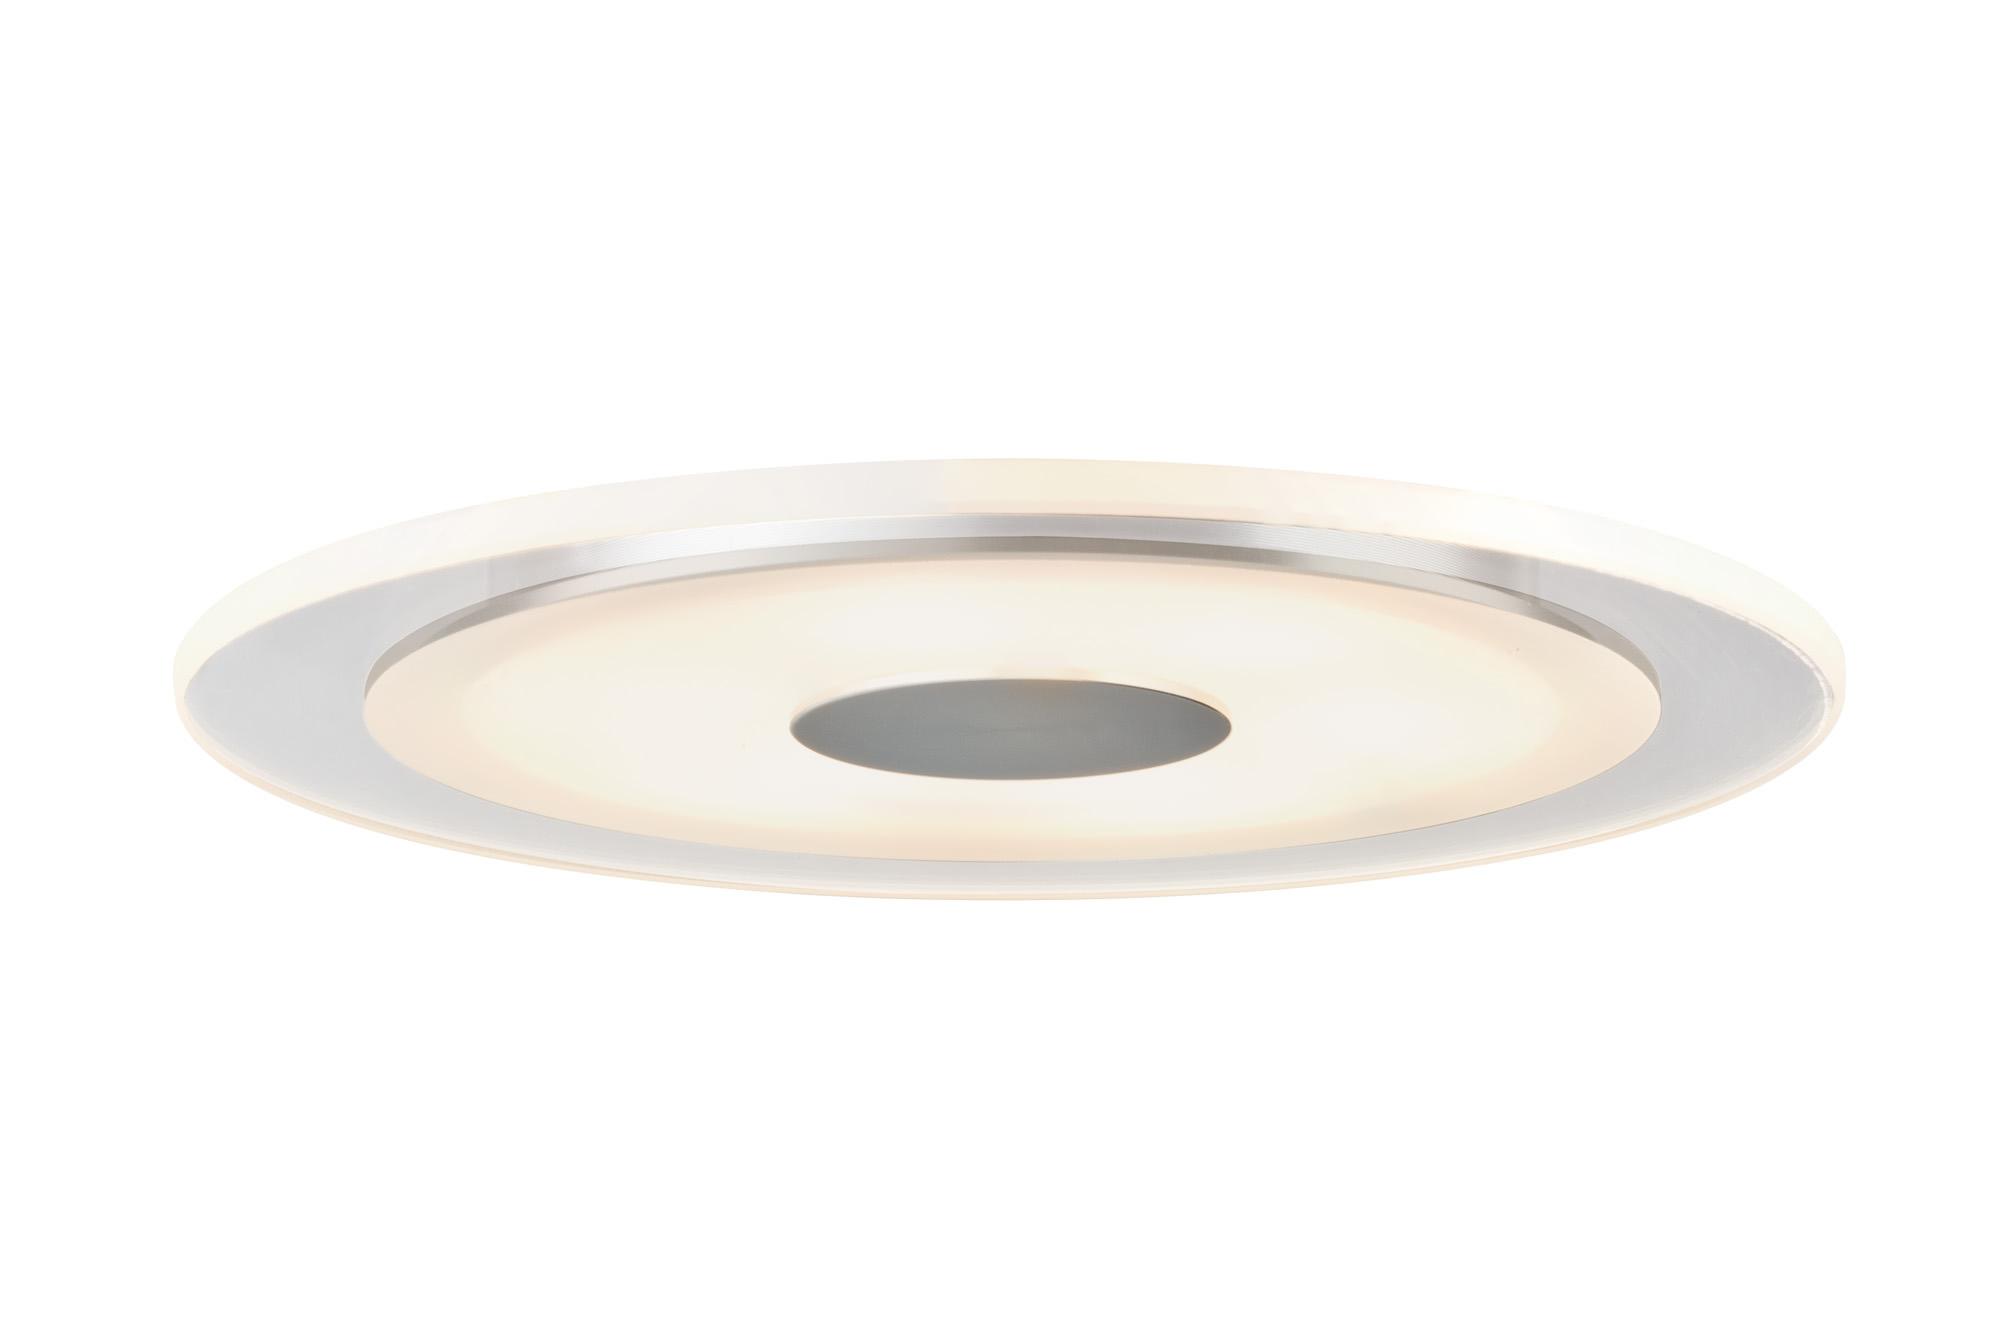 Paulmann. 92543 Светильники LED 3x6W, 3000К